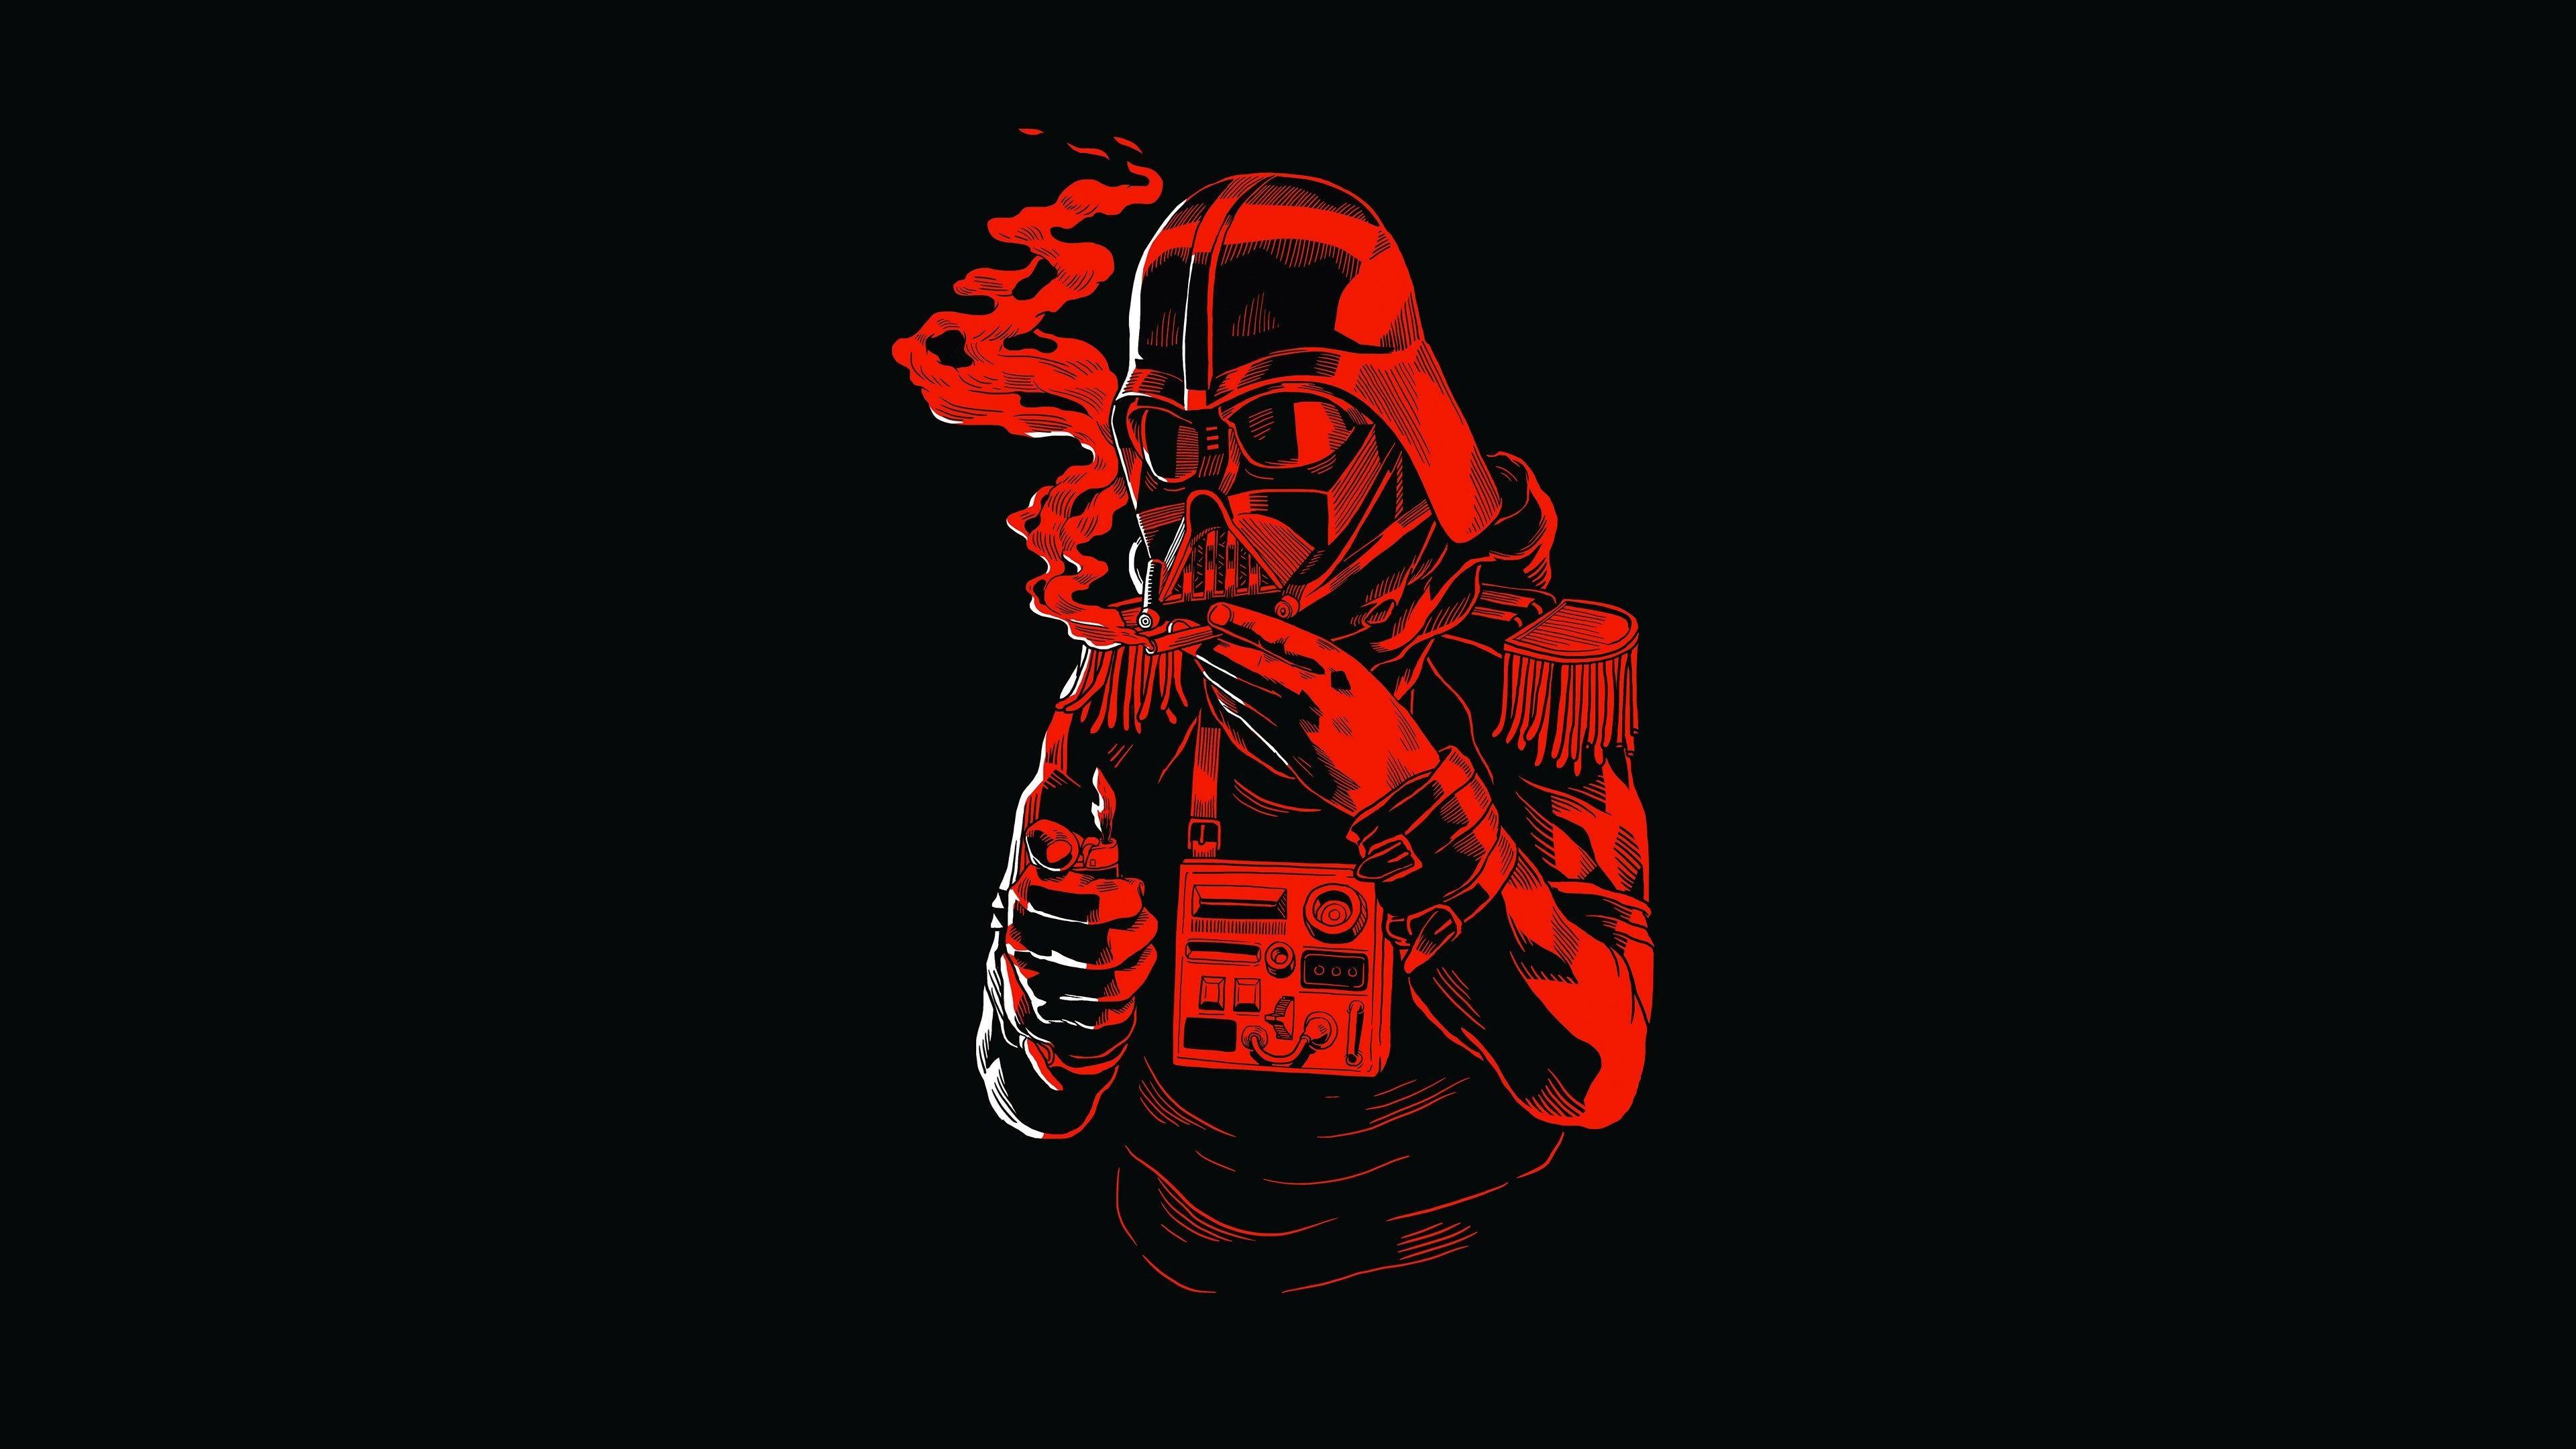 … Darth Vader HD Wallpaper 3840×2160